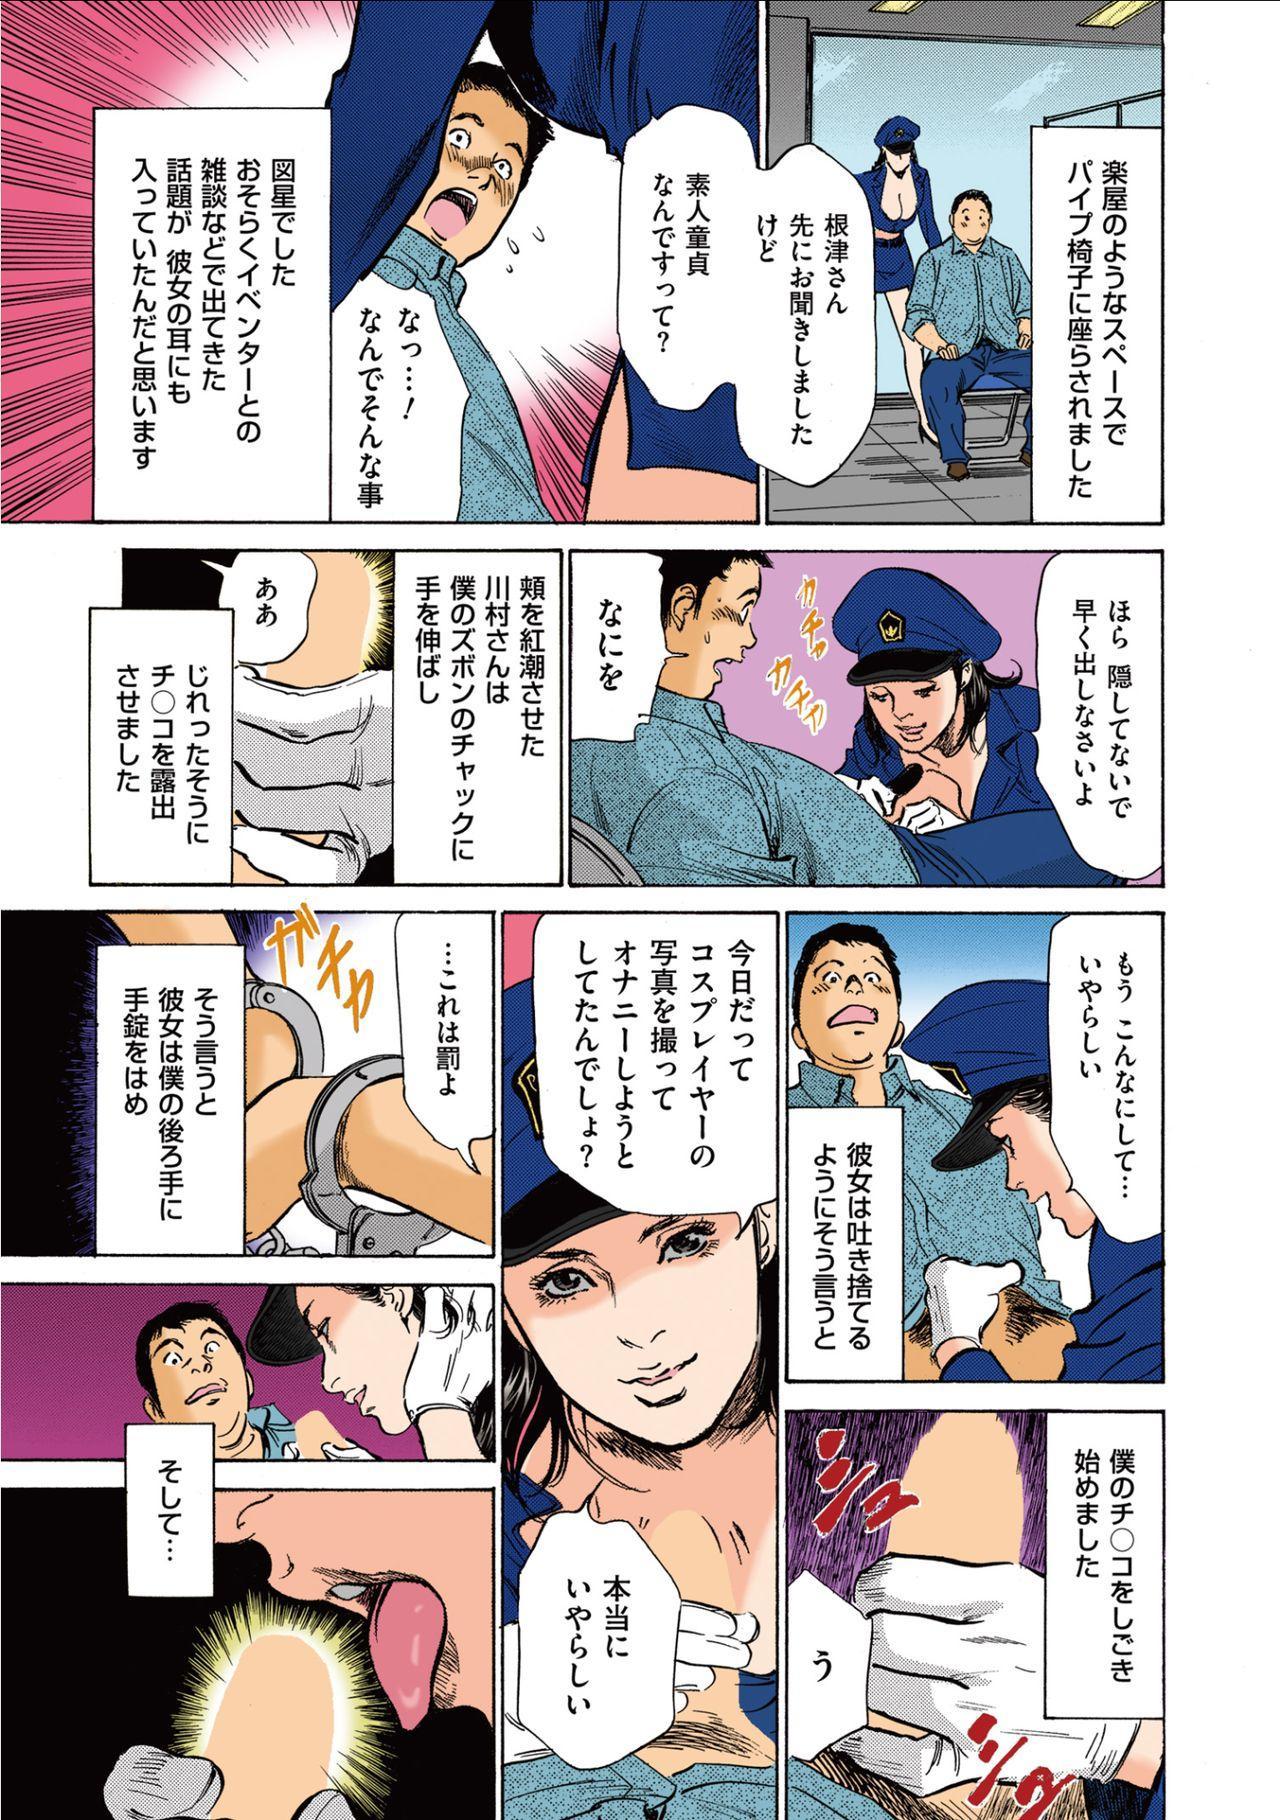 [Hazuki Kaoru] Hazuki Kaoru no Tamaranai Hanashi (Full Color Version) 1-2 58